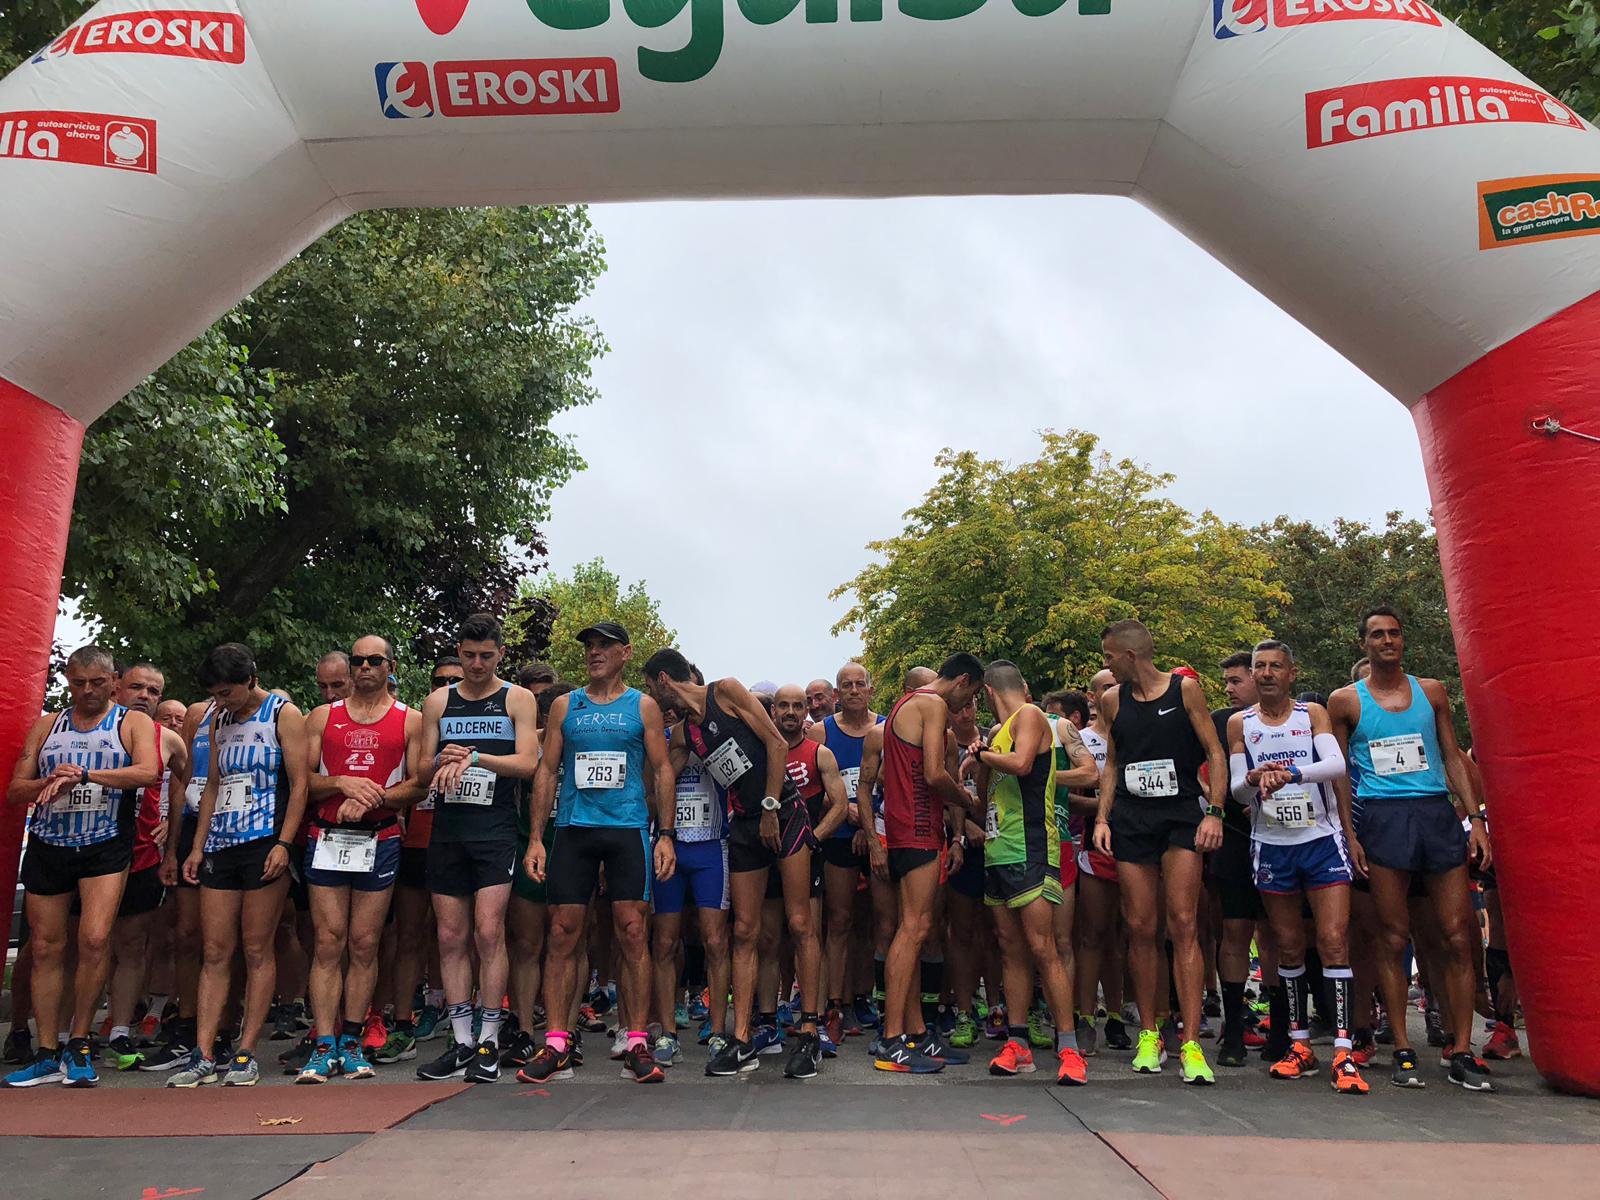 Cerca de 800 inscritos para la Media Maratón Ribadeo-As Catedrais del próximo sábado